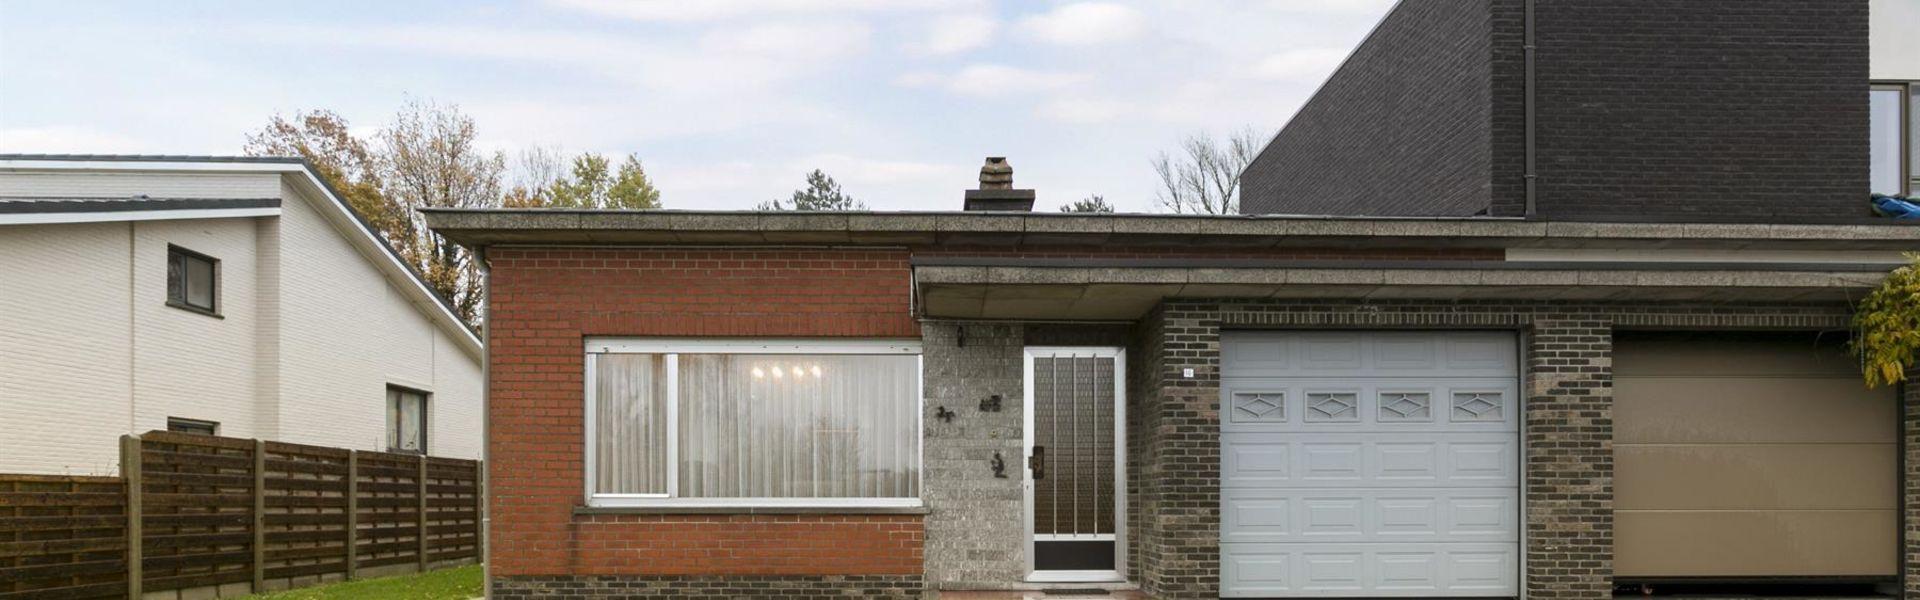 De op te frissen bungalow bevindt zich in een rustige doodlopende straat maar is wel dicht bij het centrum van St-Pauwels, vlotte ontsluiting via E49 en E17. Er is een inpandige garage die connecteert met de inkomhal. De leefruimte met open haard is heel